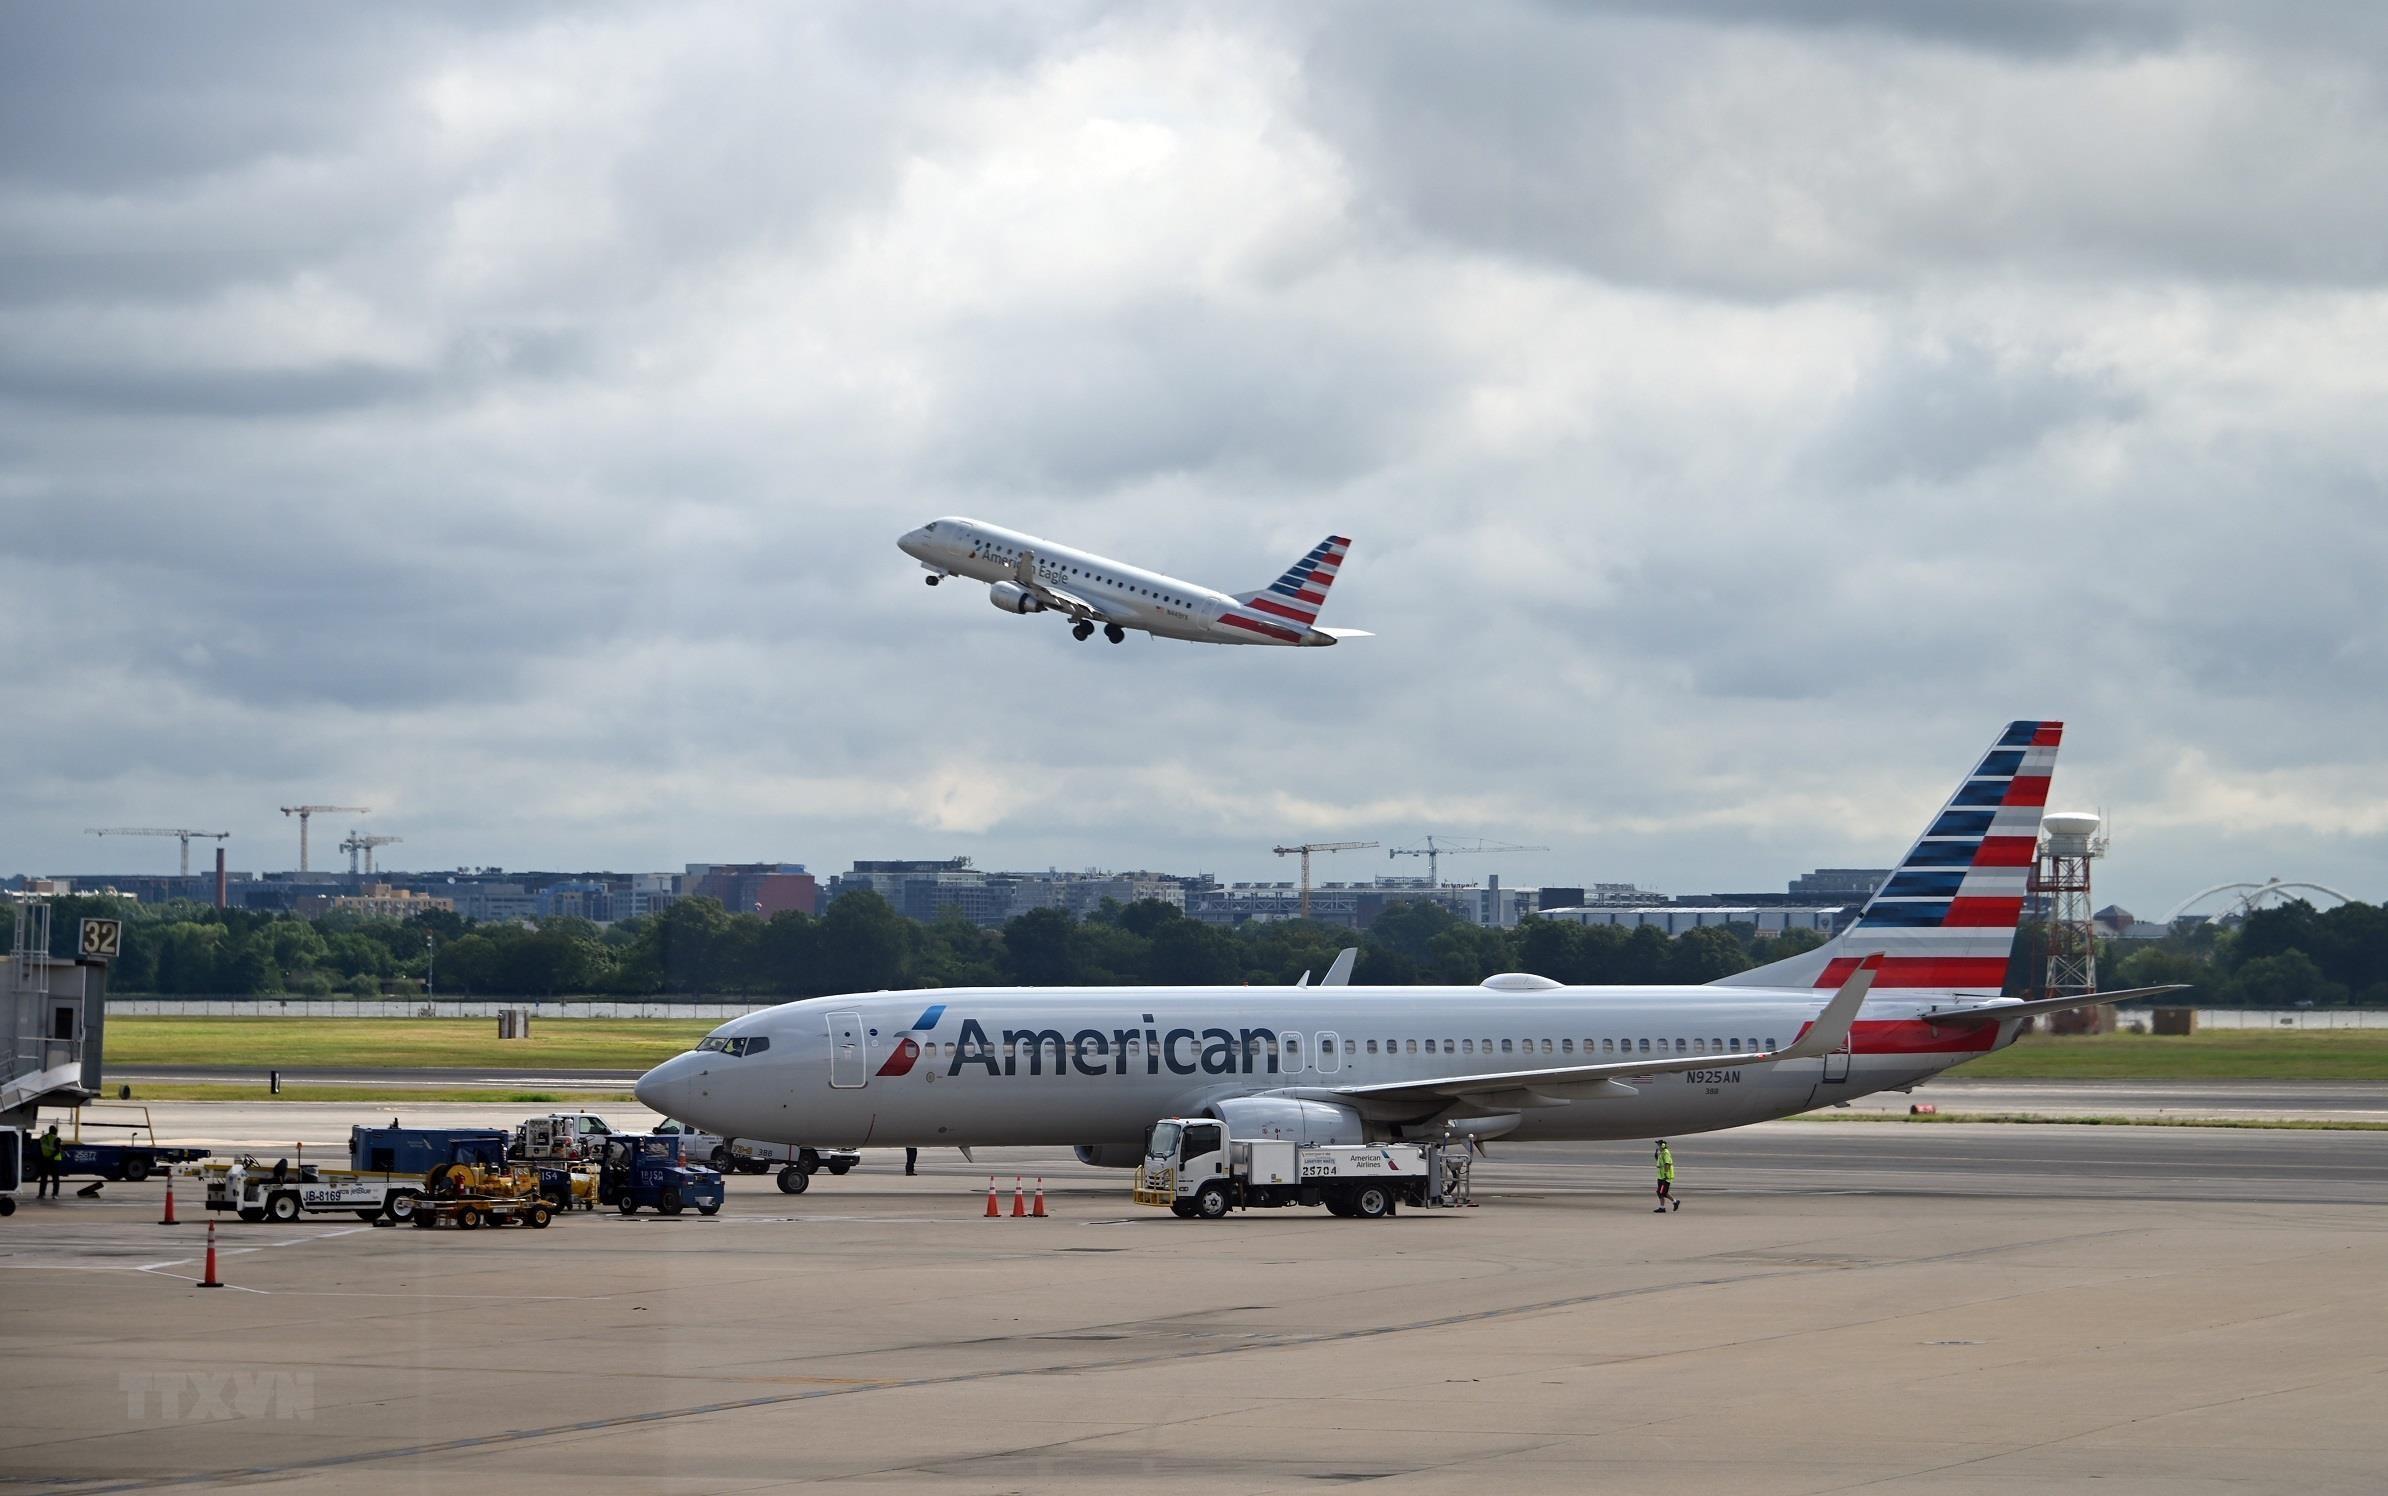 American Airlines nhận được khoản vay 5,5 tỷ USD từ Bộ Tài chính Mỹ